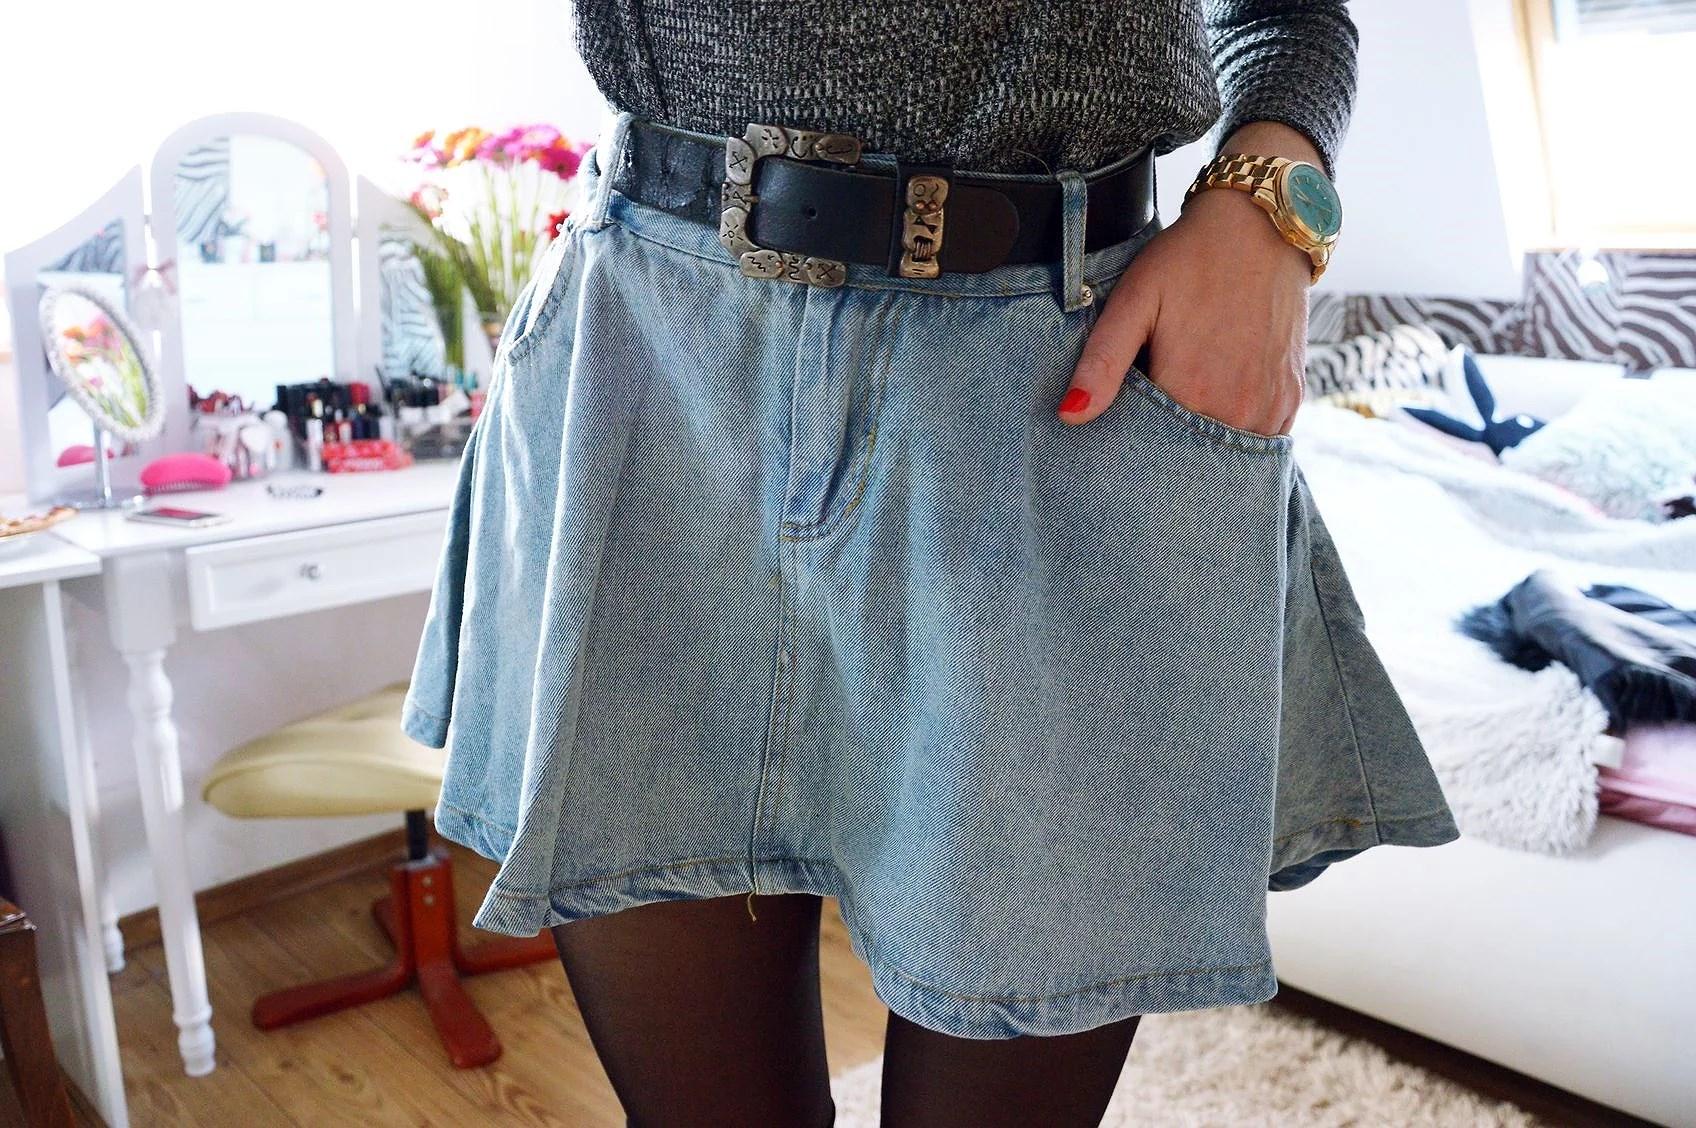 Jeansowa spódnica - hit czy kit?